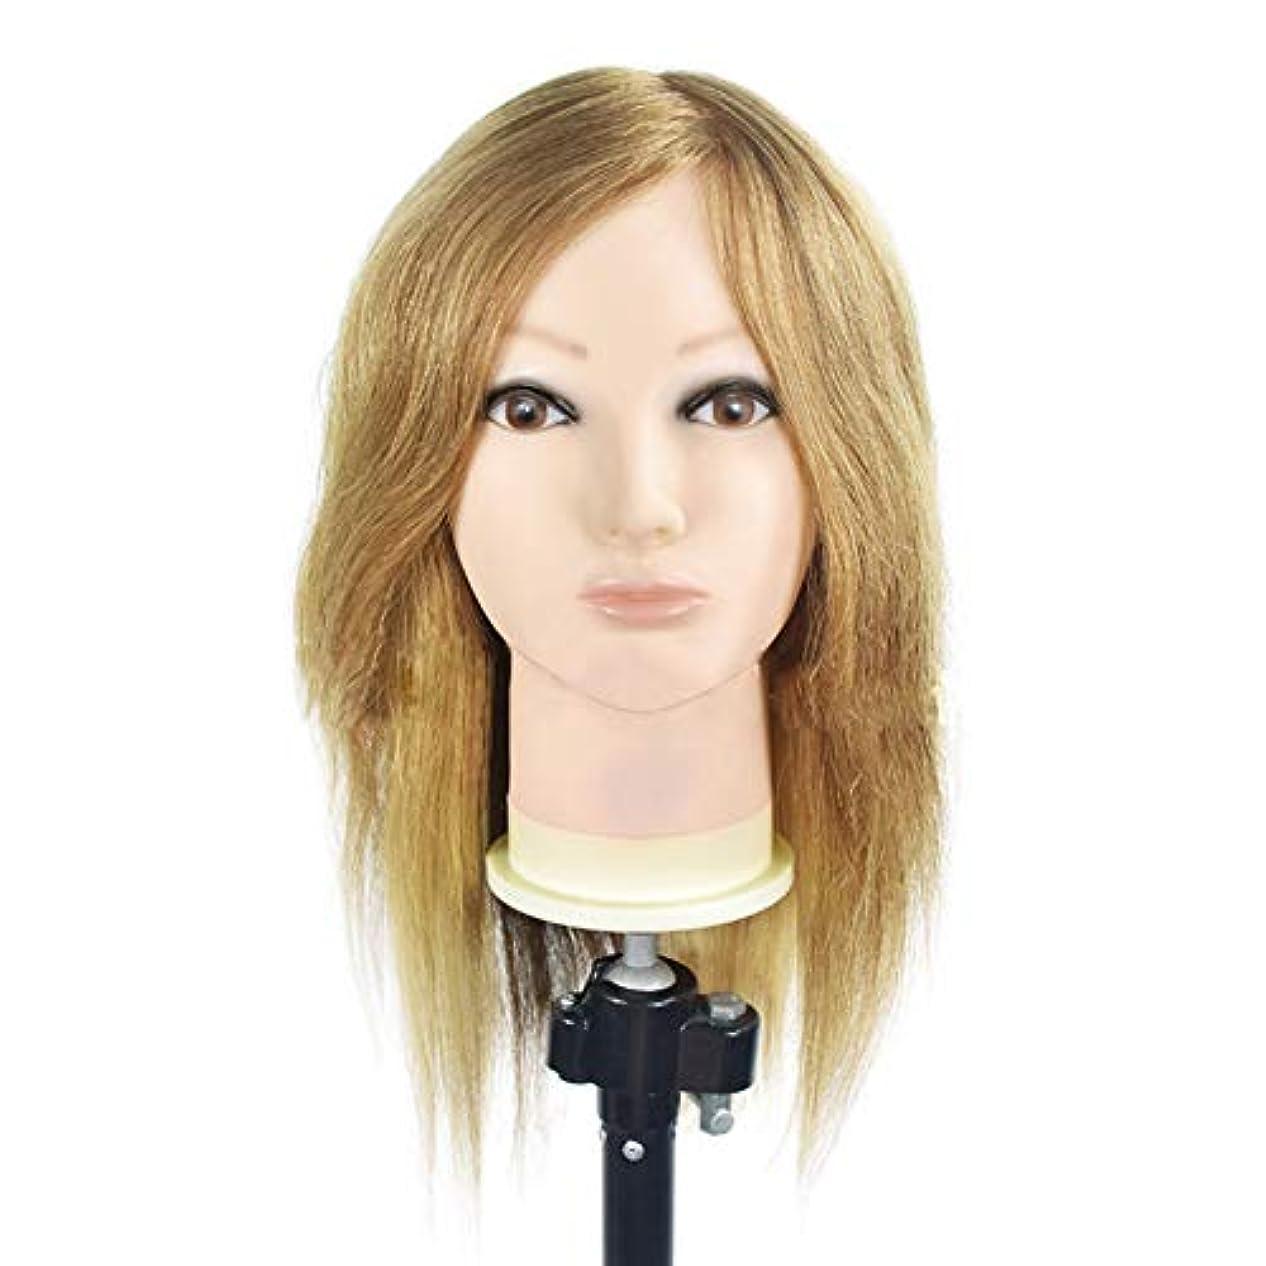 ライバル貞レンディションサロンヘアブレイディングヘアスタイルヘアスタイルヘアスタイルヘアスタイルヘアスタイルヘアスタイル